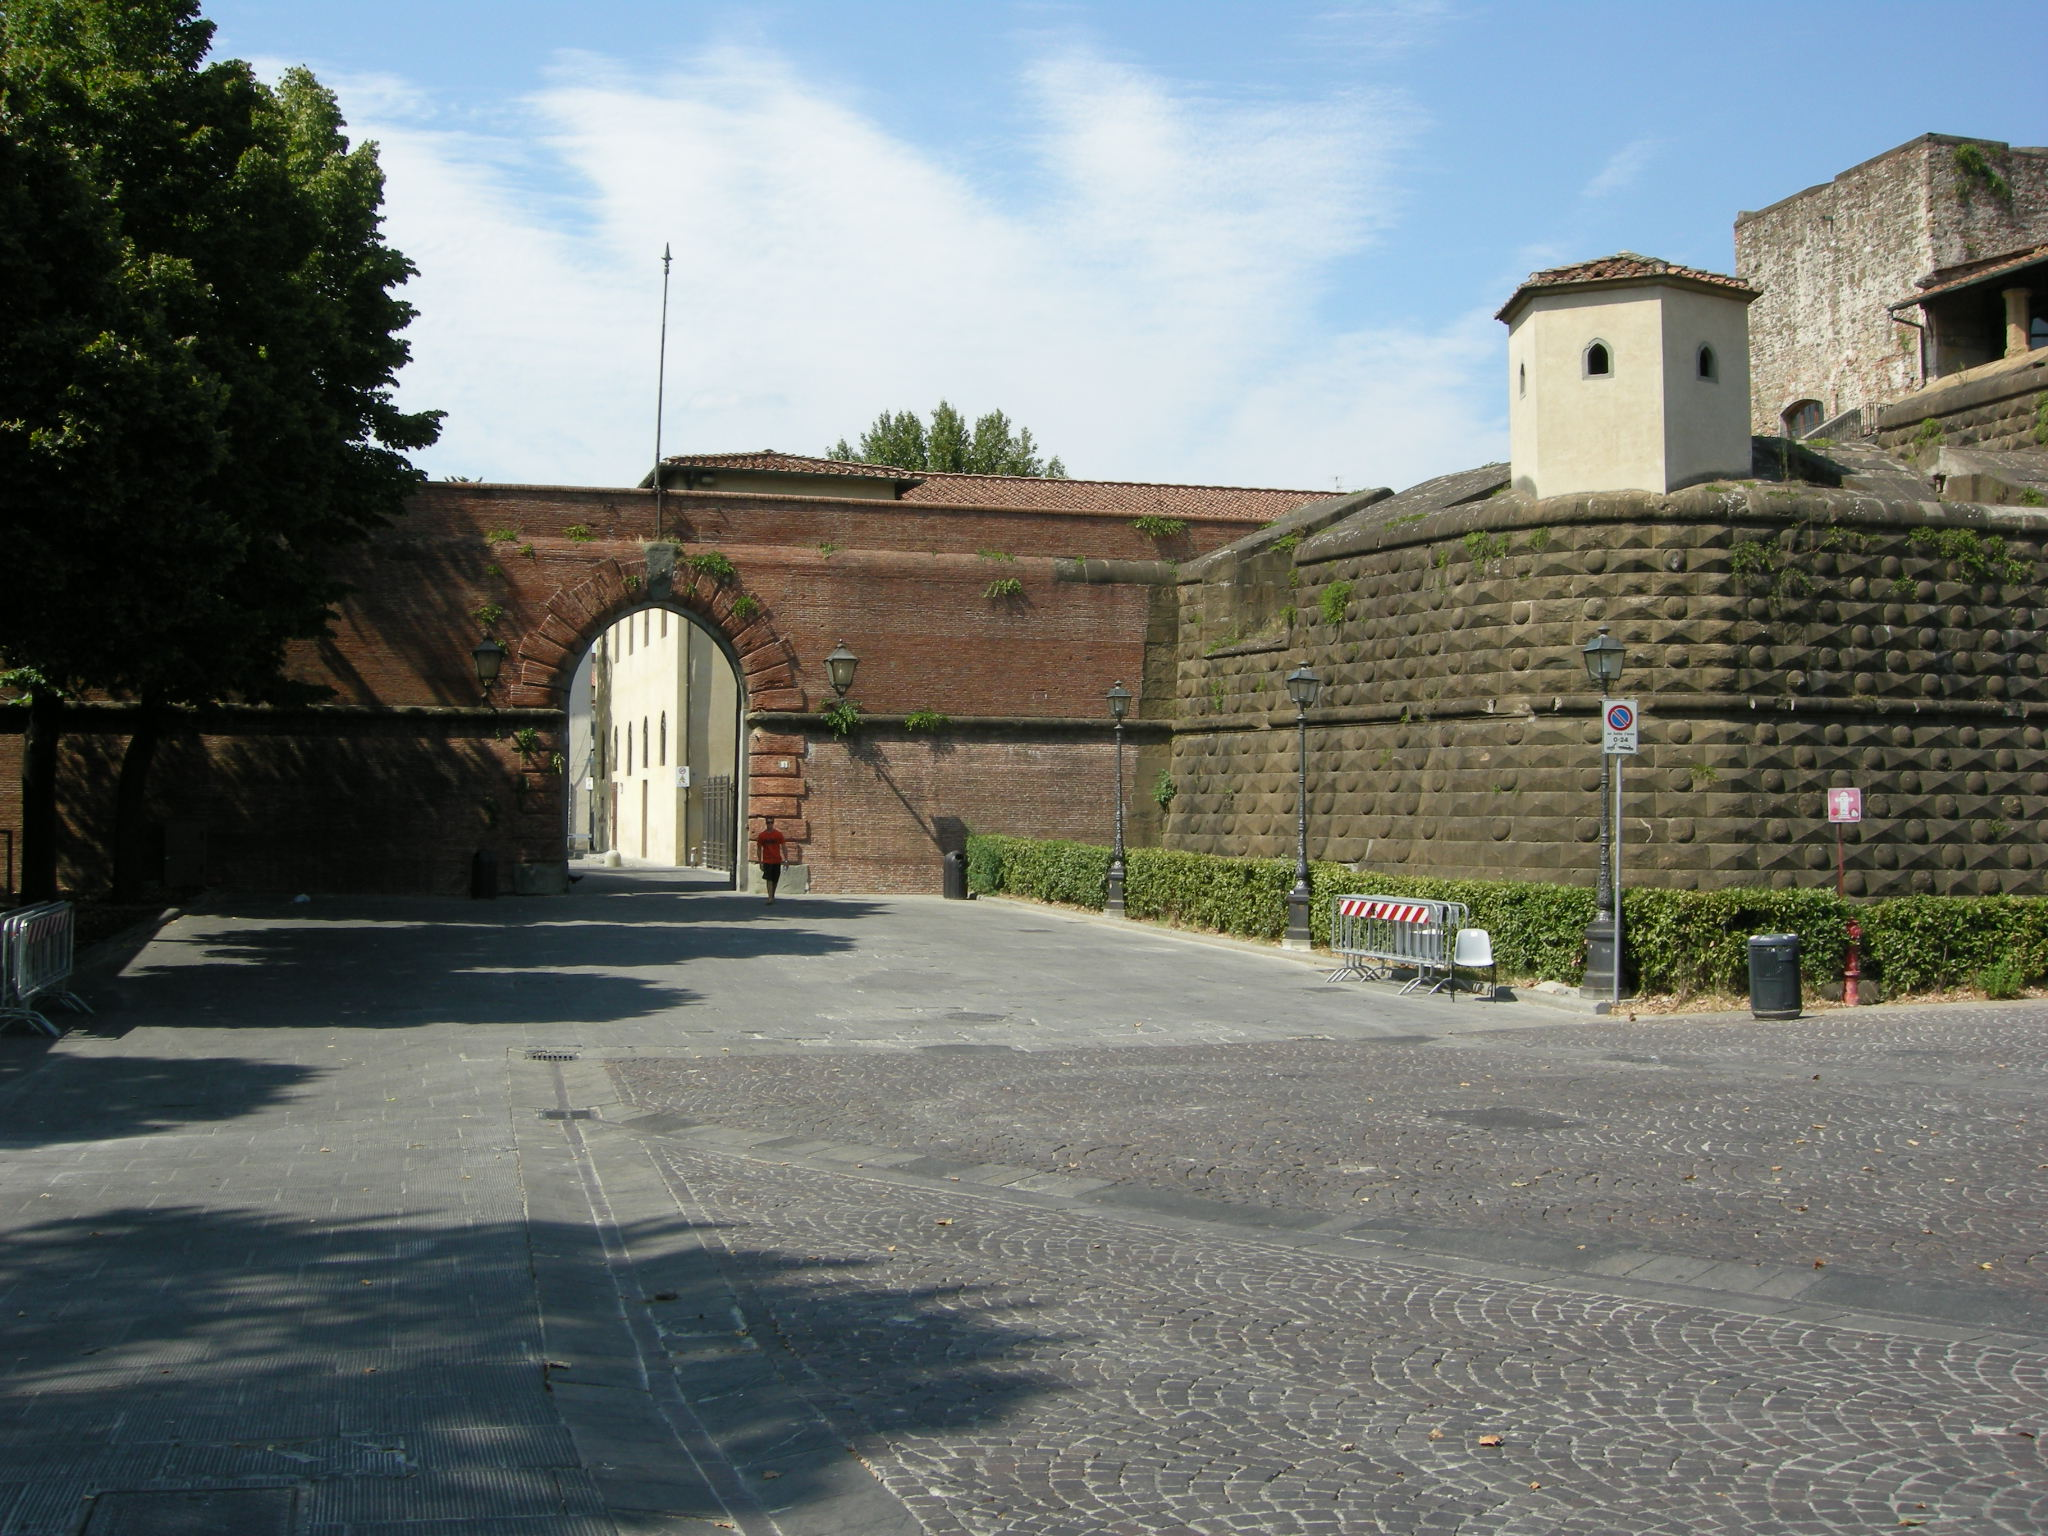 File:Fortezza da basso, ingresso 01.JPG - Wikimedia Commons